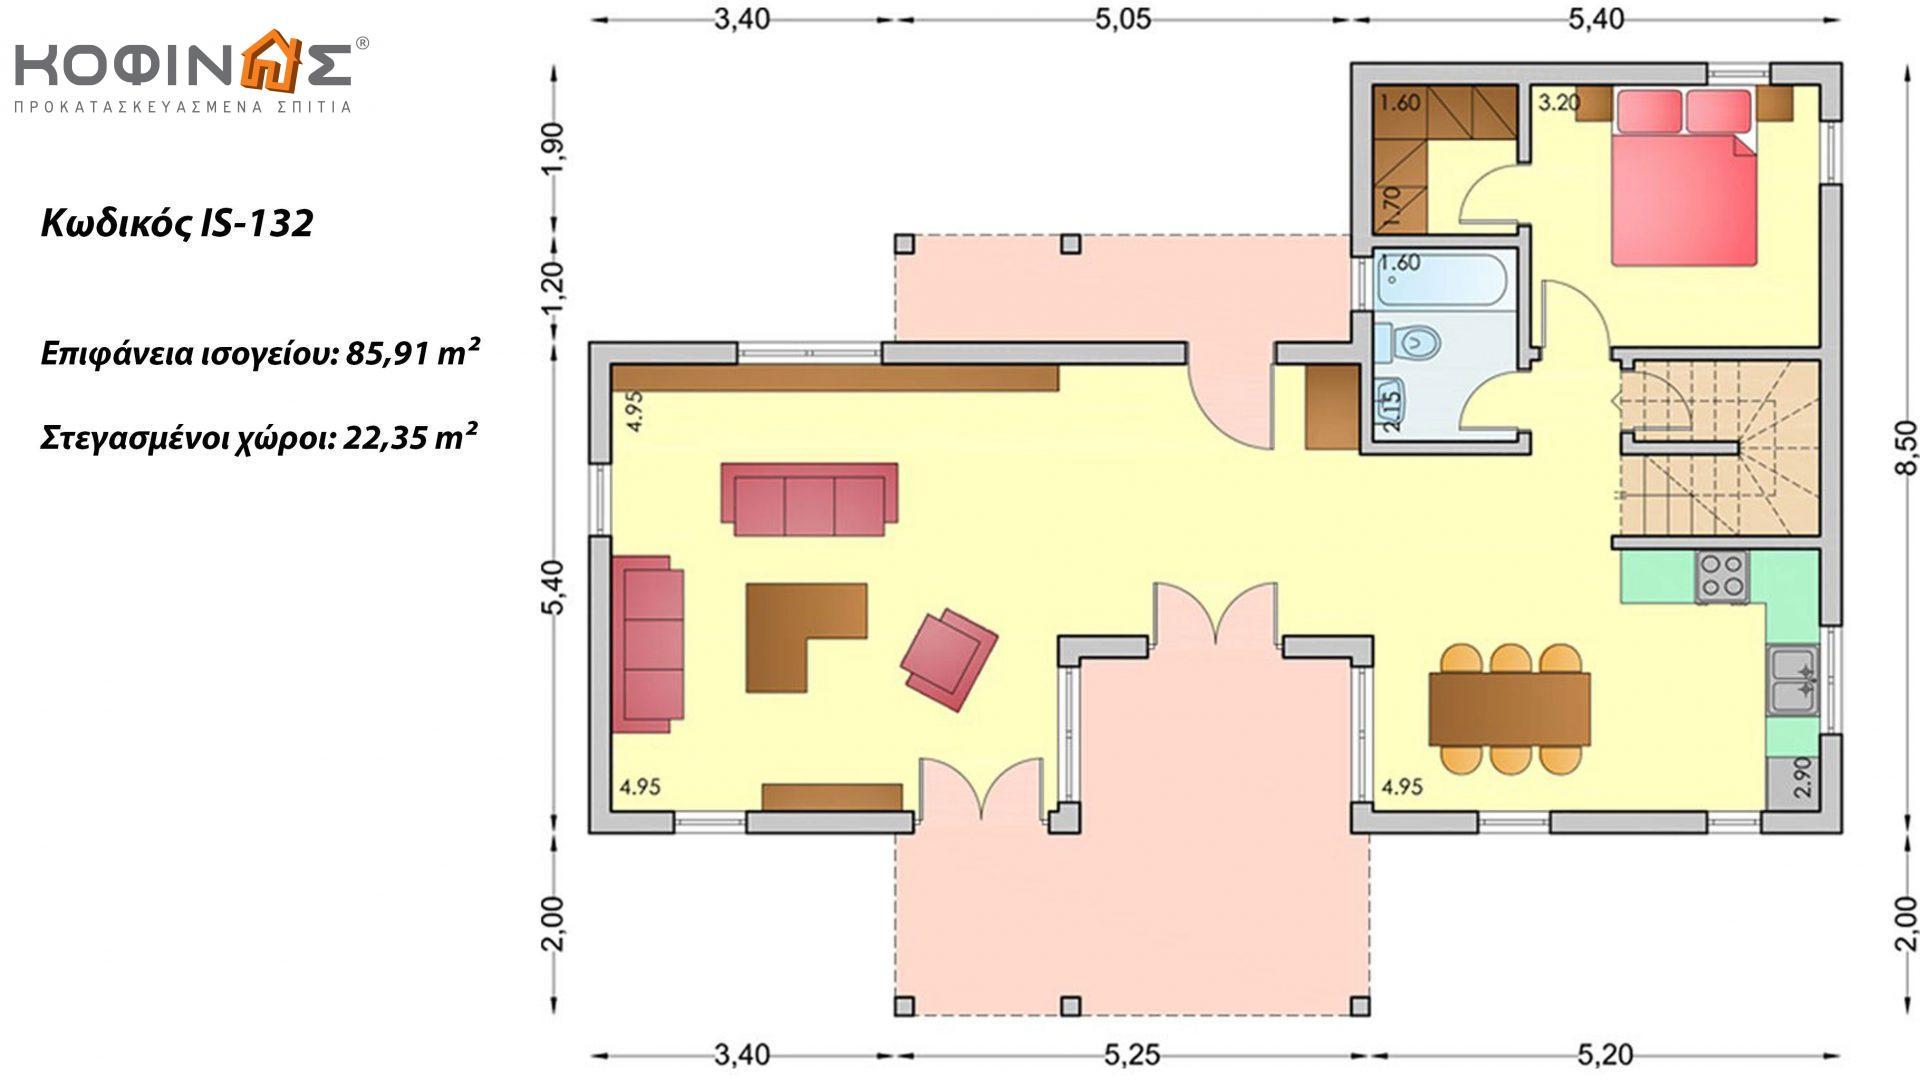 Ισόγεια Κατοικία με Σοφίτα IS-132, συνολικής επιφάνειας 132 τ.μ. ,συνολική επιφάνεια στεγασμένων χώρων 22,35 τ.μ. ,μπαλκόνι σοφίτας 46,10 τ.μ.